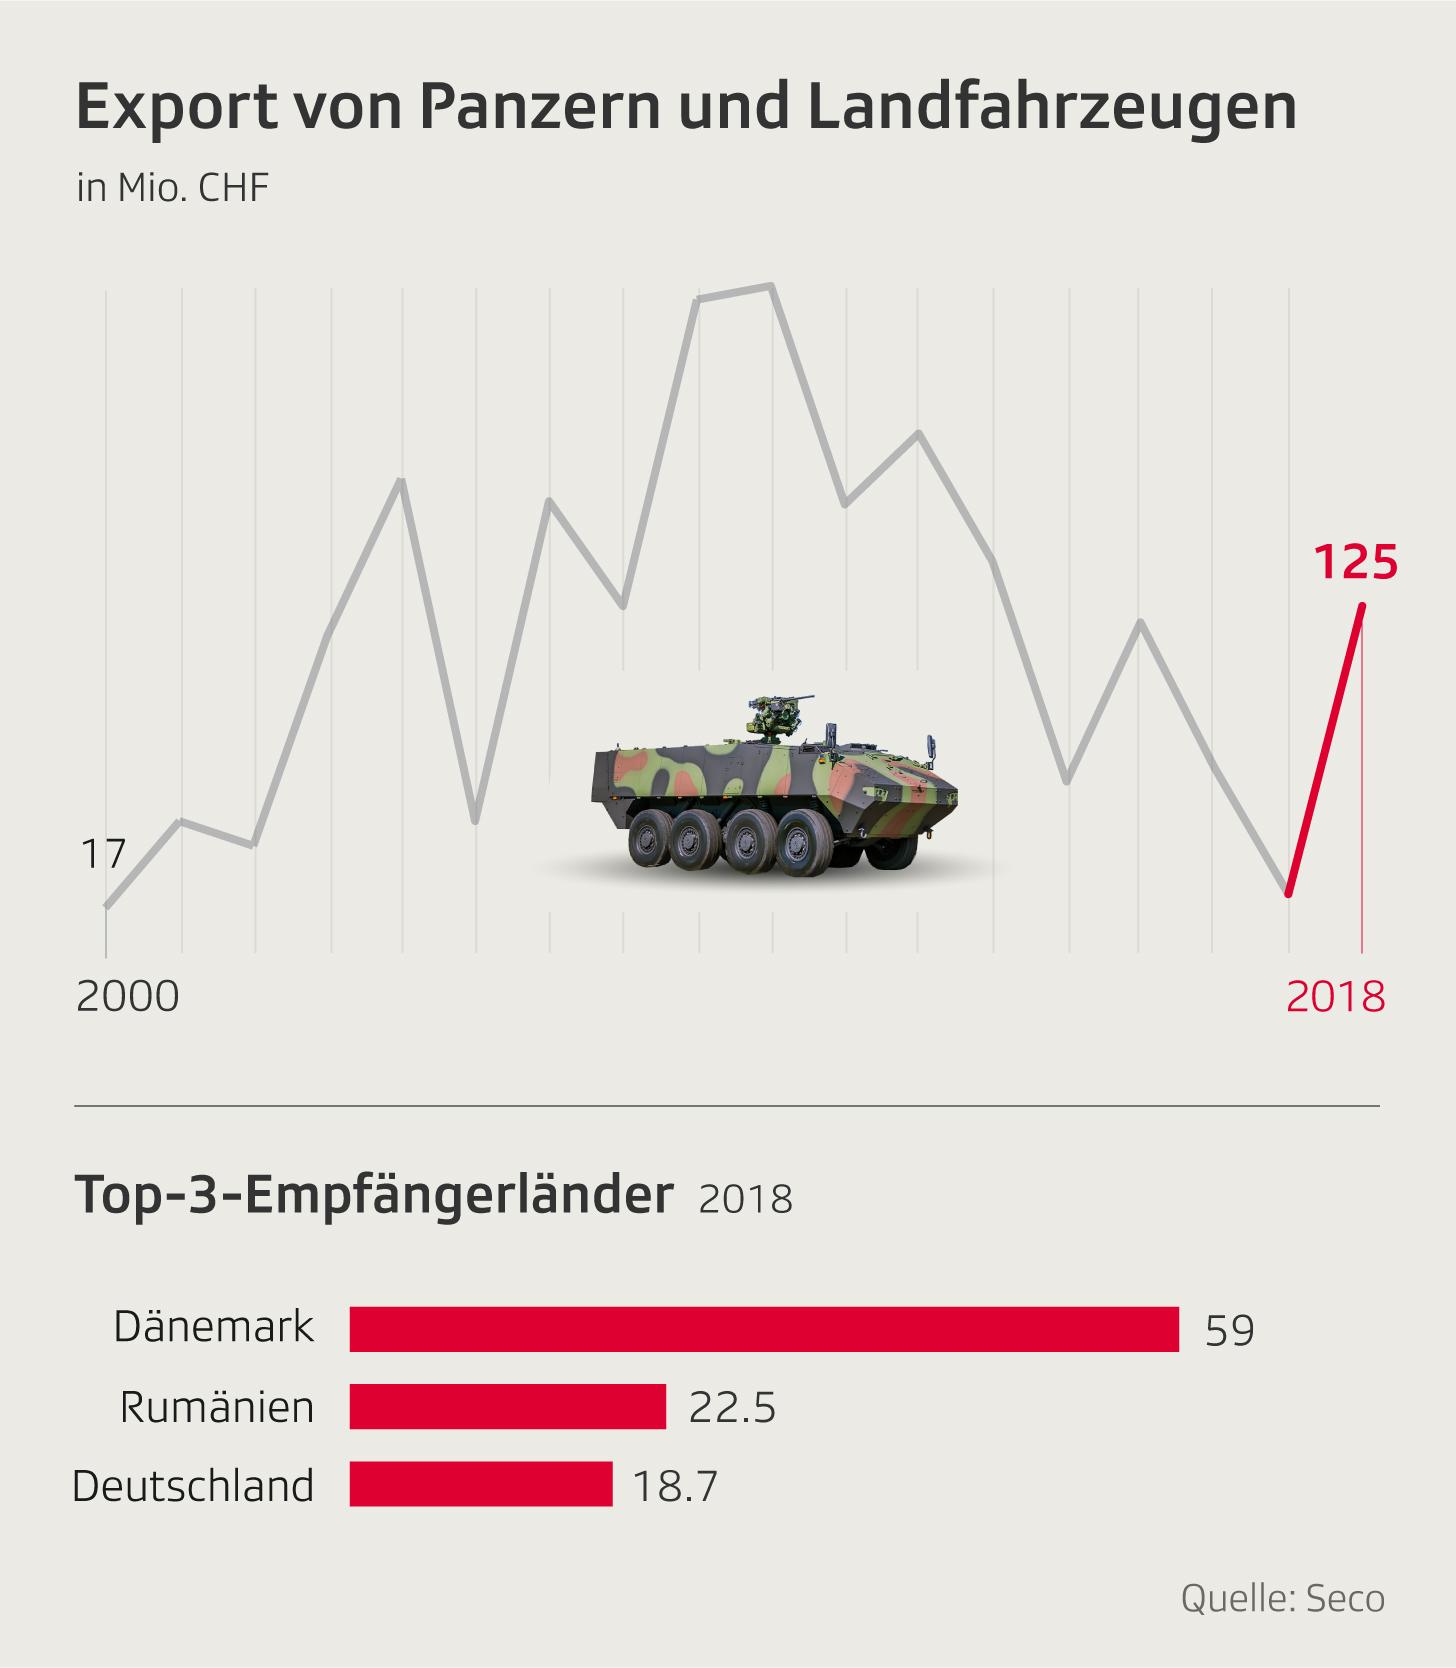 Die Infografik zeigt den Export von Panzern aus der Schweiz in den letzten 18 Jahren